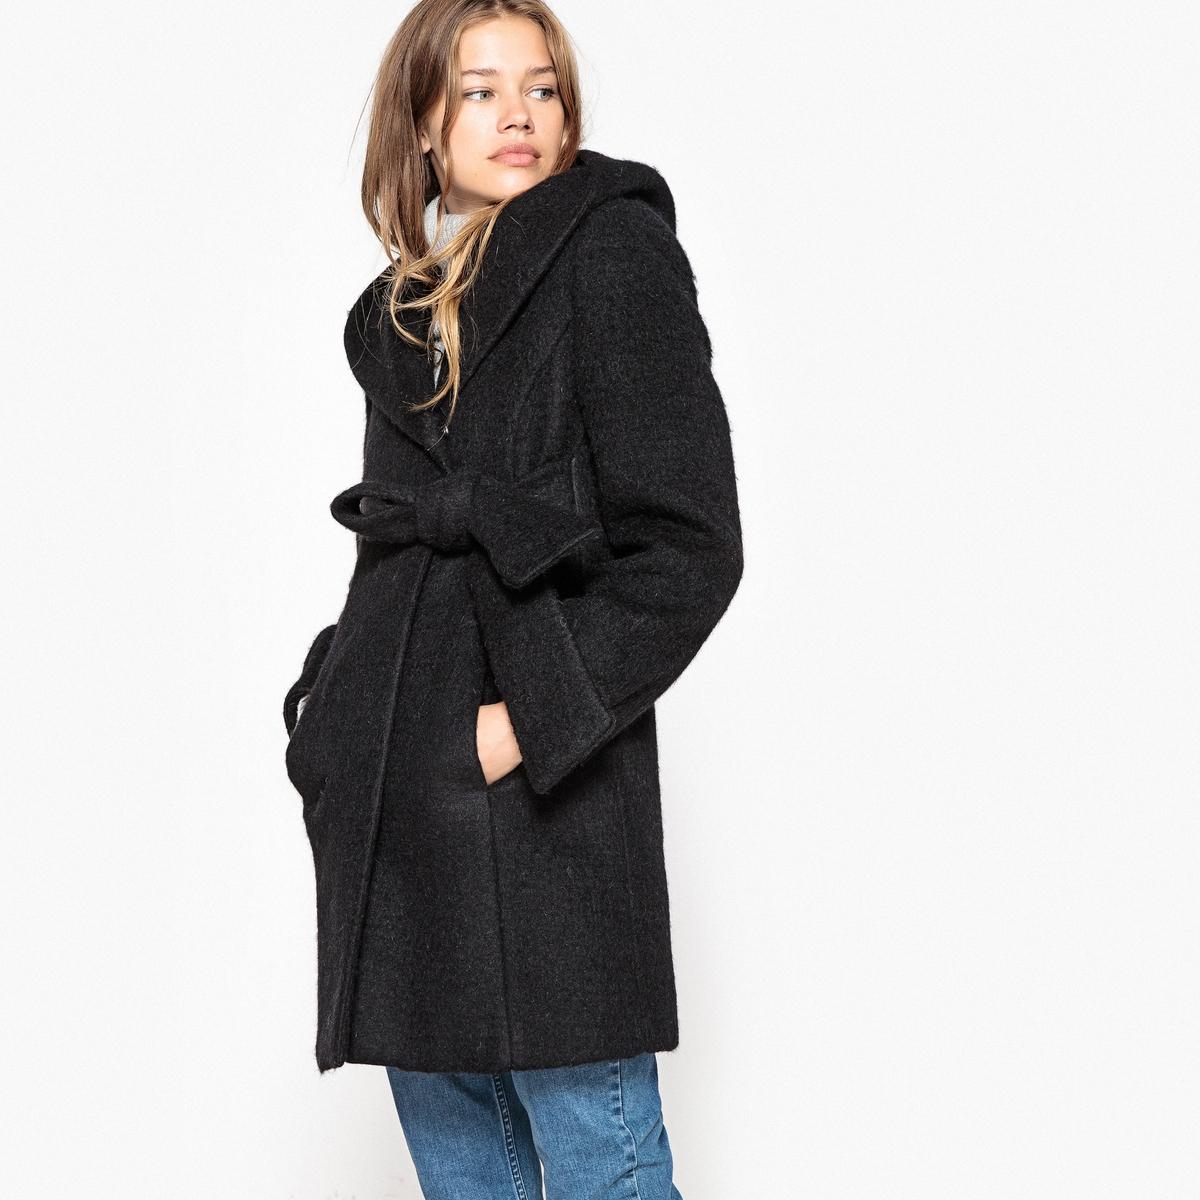 Пальто женское в форме халатаОписание:Большое обволакивающее пальто в форме халата. Комфортное и модное пальто стильной обволакивающей формы!Детали •  Длина : средняя •  Капюшон •  Без застежки •  С капюшономСостав и уход •  63% шерсти, 37% полиэстера •  Подкладка : 100% полиэстер • Не стирать •  Деликатная чистка/без отбеливателей •  Не использовать барабанную сушку   •  Низкая температура глажки •  Длина : 85 см<br><br>Цвет: розовый,черный<br>Размер: 34 (FR) - 40 (RUS).38 (FR) - 44 (RUS)